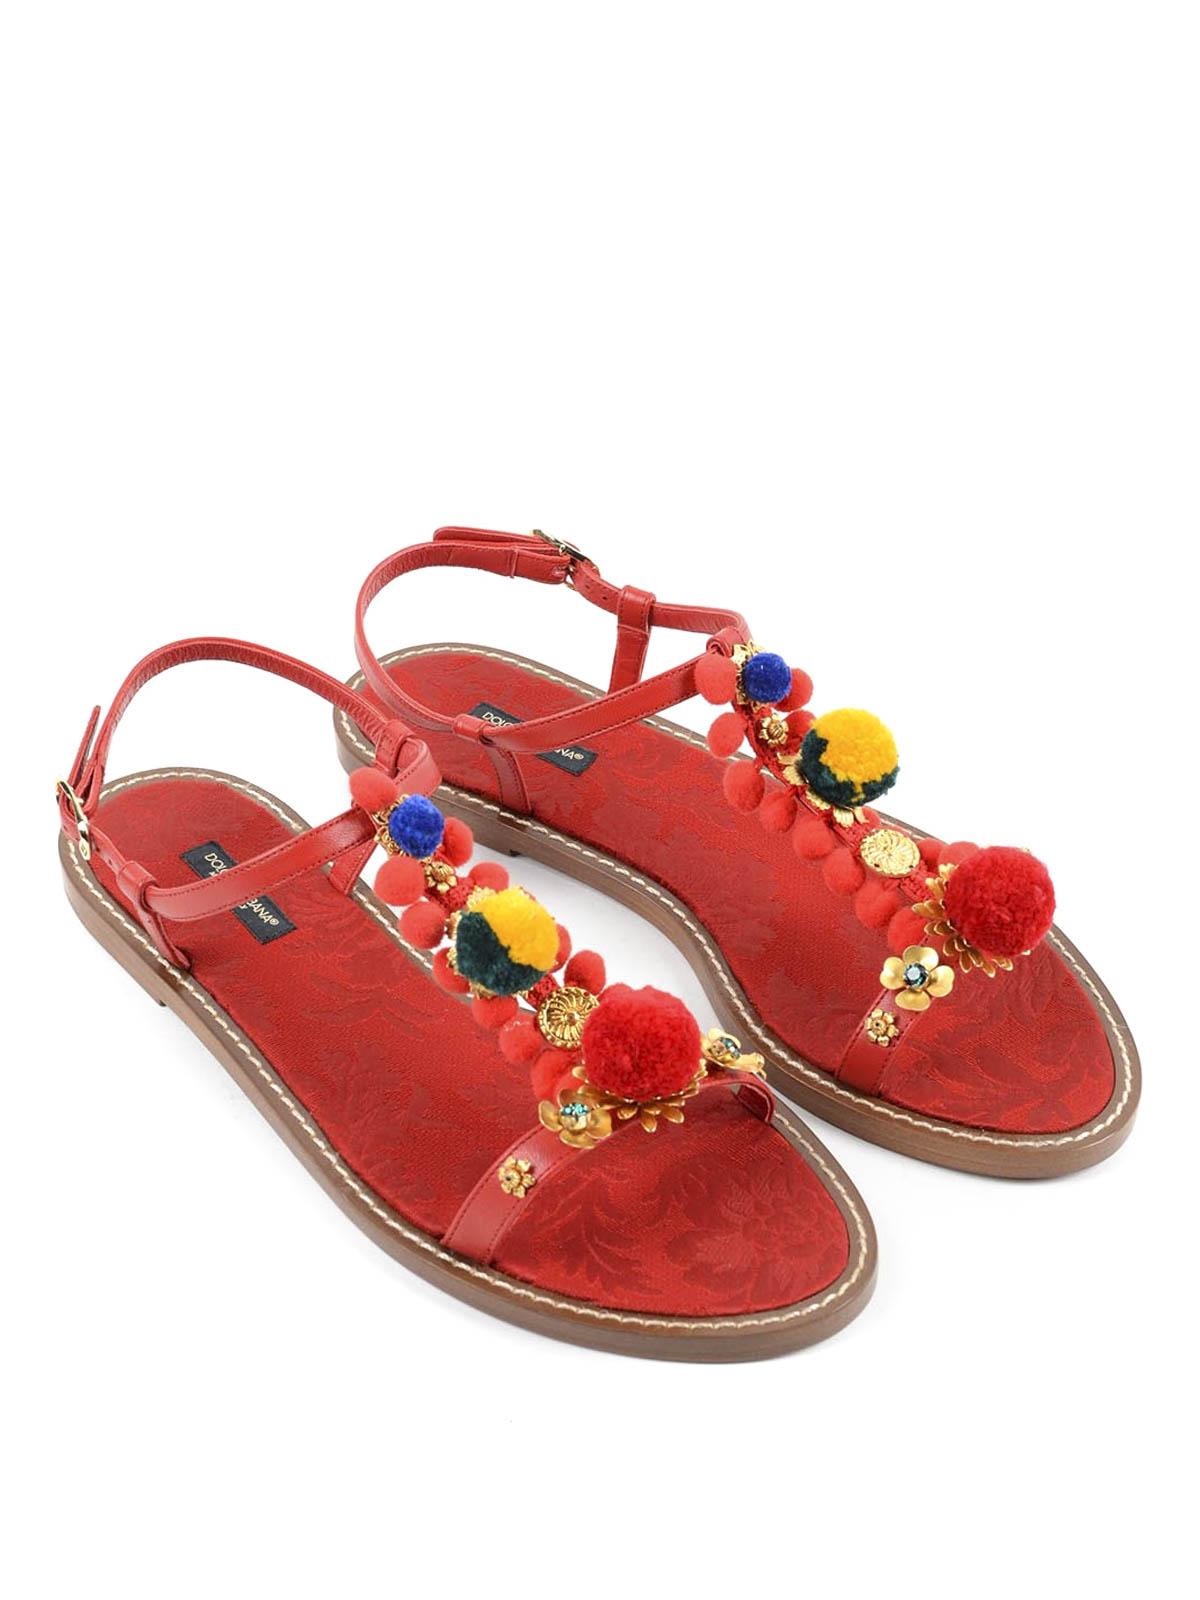 Dolceamp; Flat Pompon Sandals Sandales 8l270 Ad080 Gabbana Cq0079 thdBQsrCx